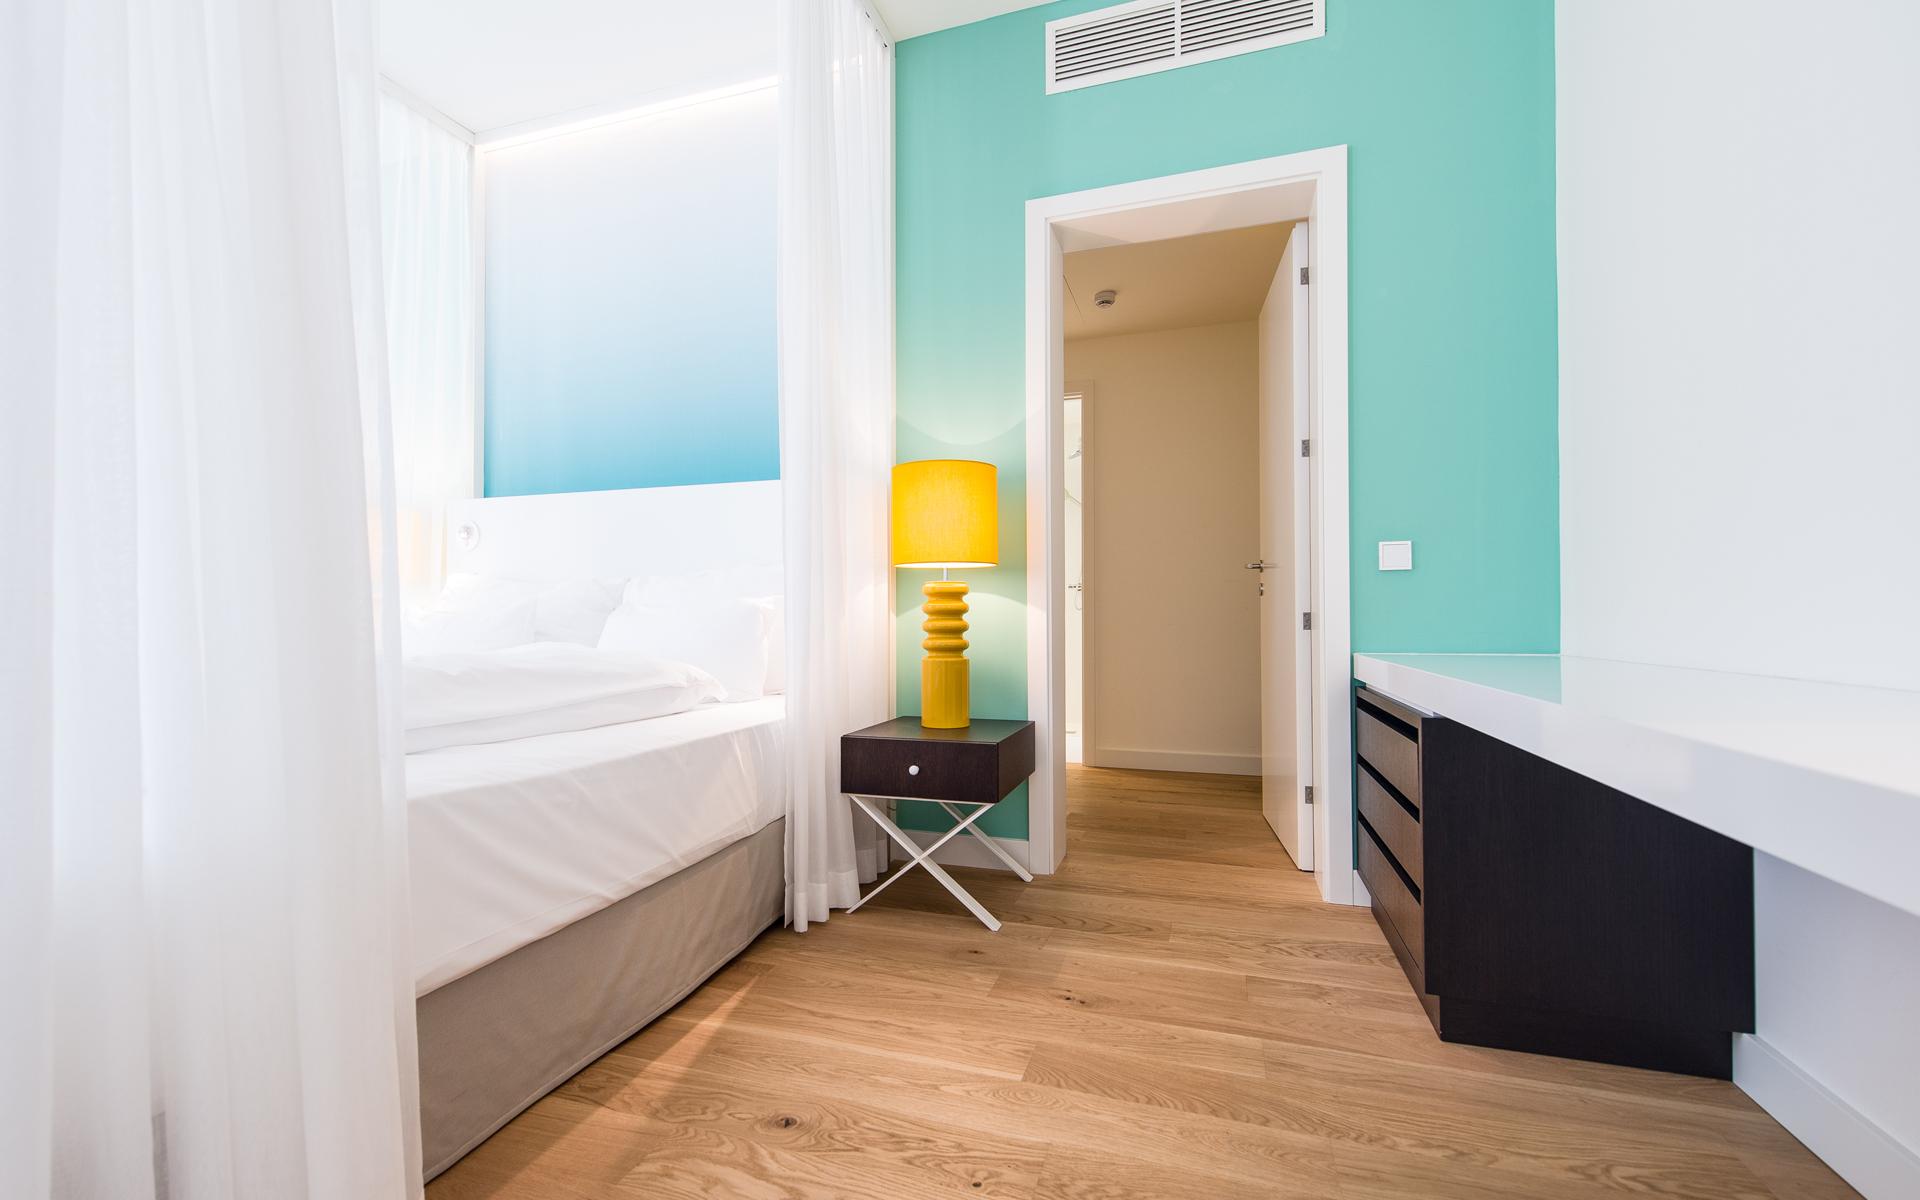 Falkensteiner-hotel-Jesolo_Italy_Italien-rooms-apartments-zimmer-oprema-hotelov_hotel-equipment_hoteleinrichtungen_8